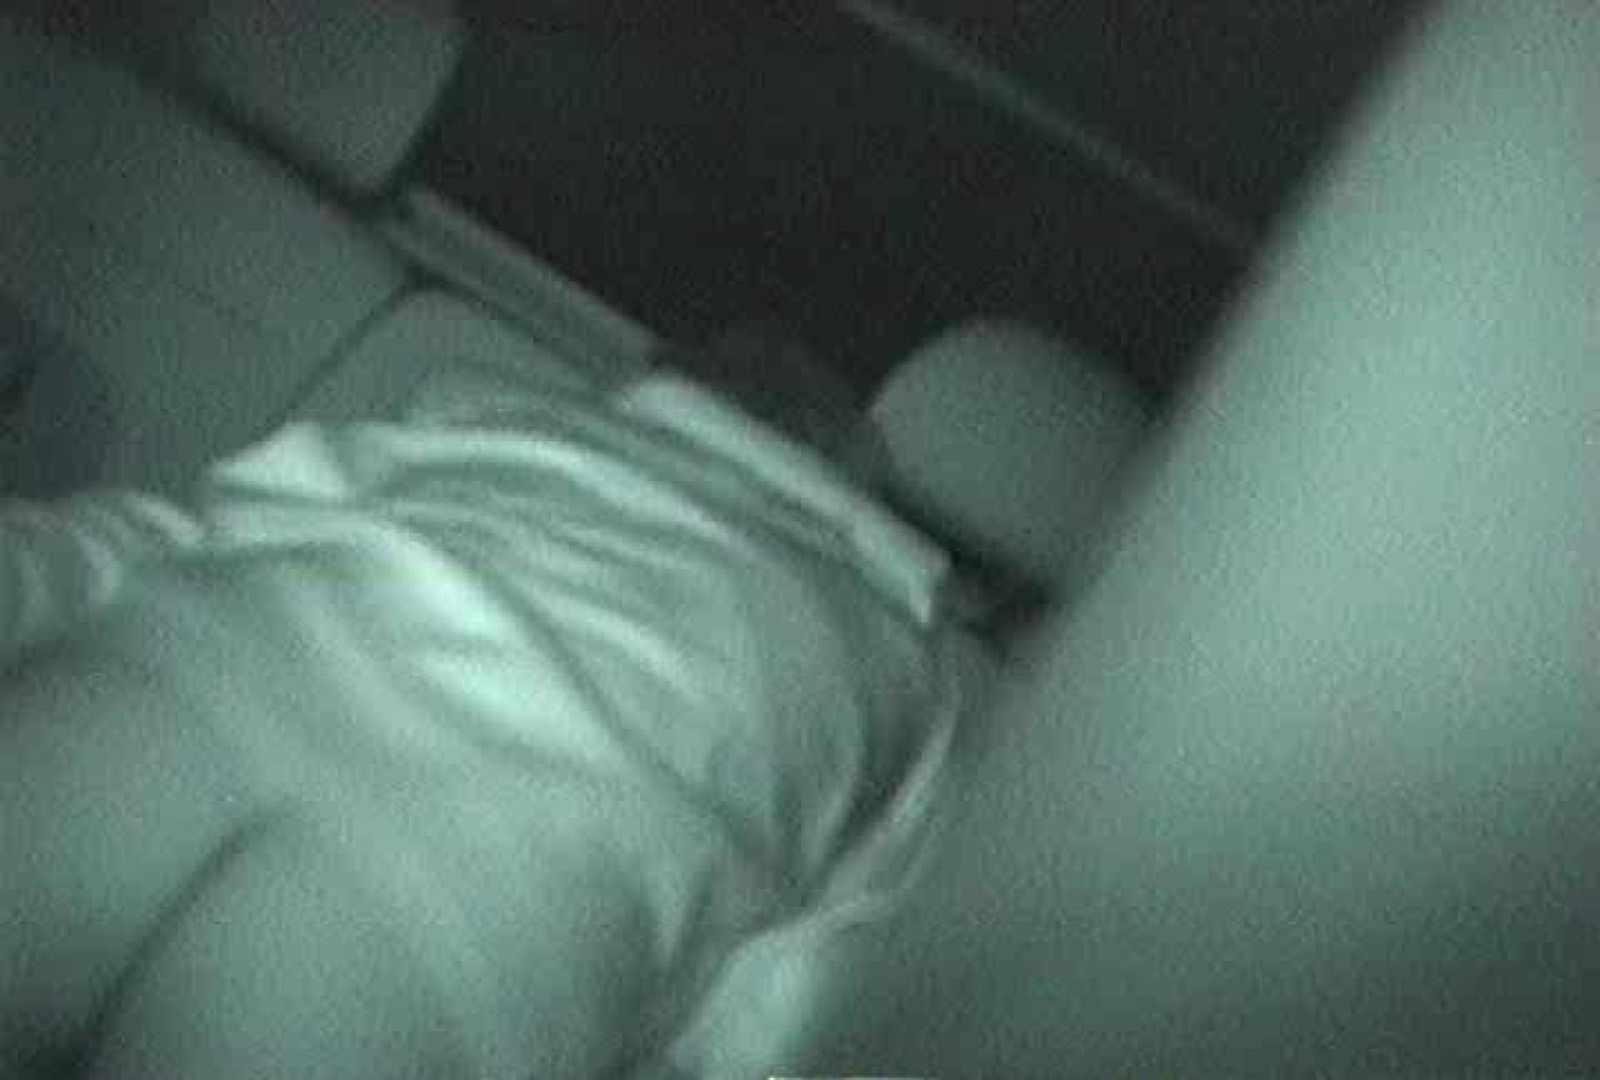 充血監督の深夜の運動会Vol.76 セックス AV動画キャプチャ 104pic 43